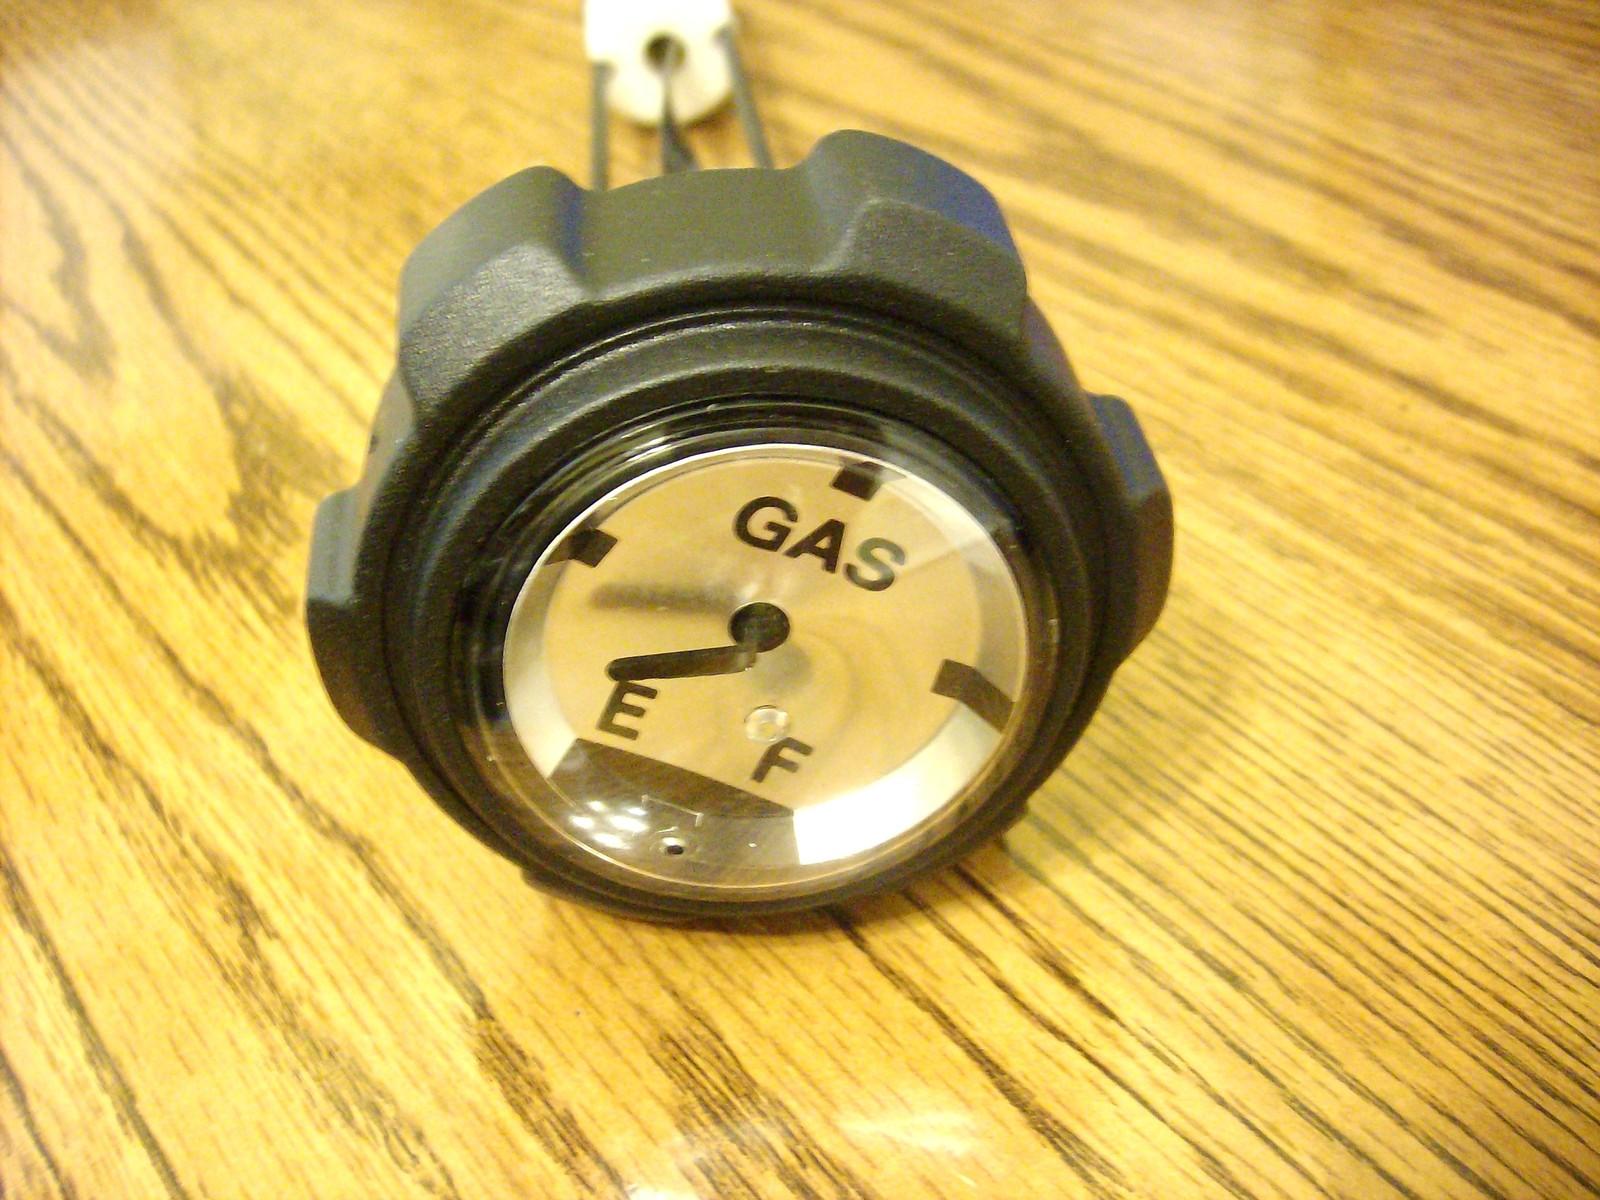 Gas fuel cap gauge for Dixie Chopper 40222